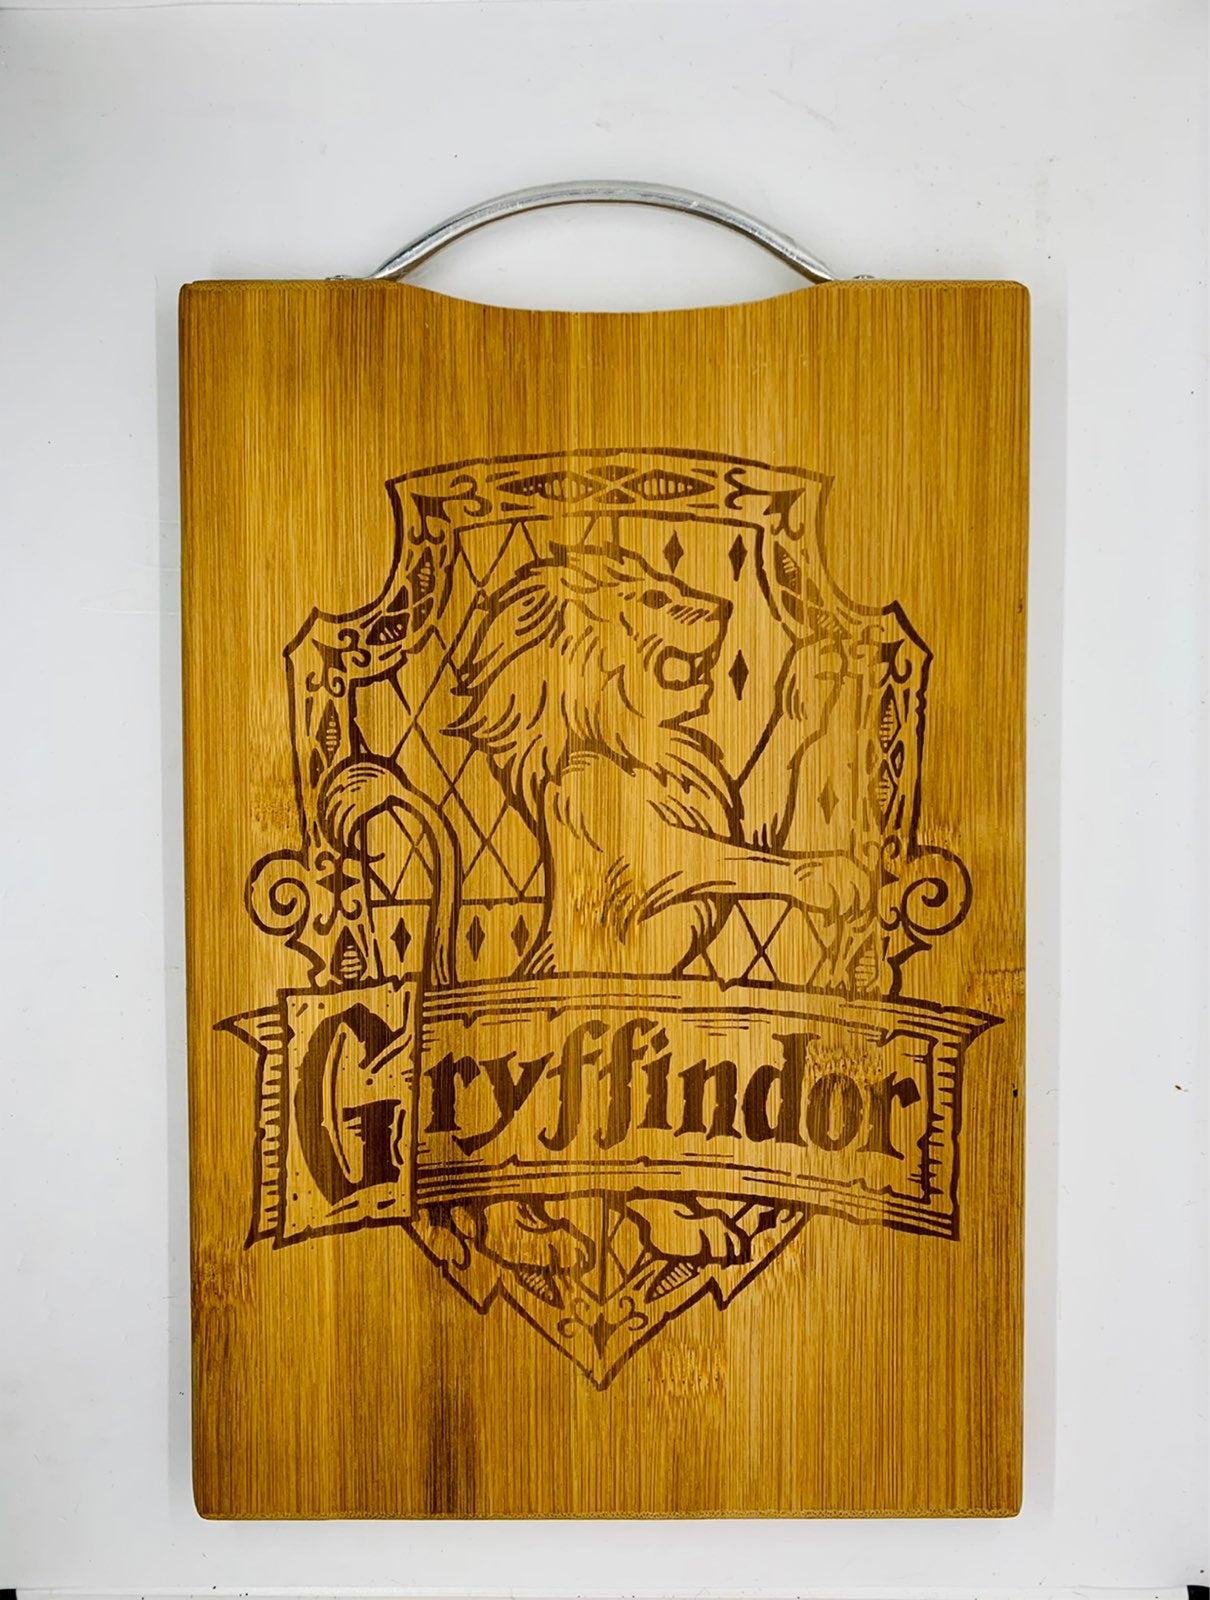 Harry potter gryffindor engraved board